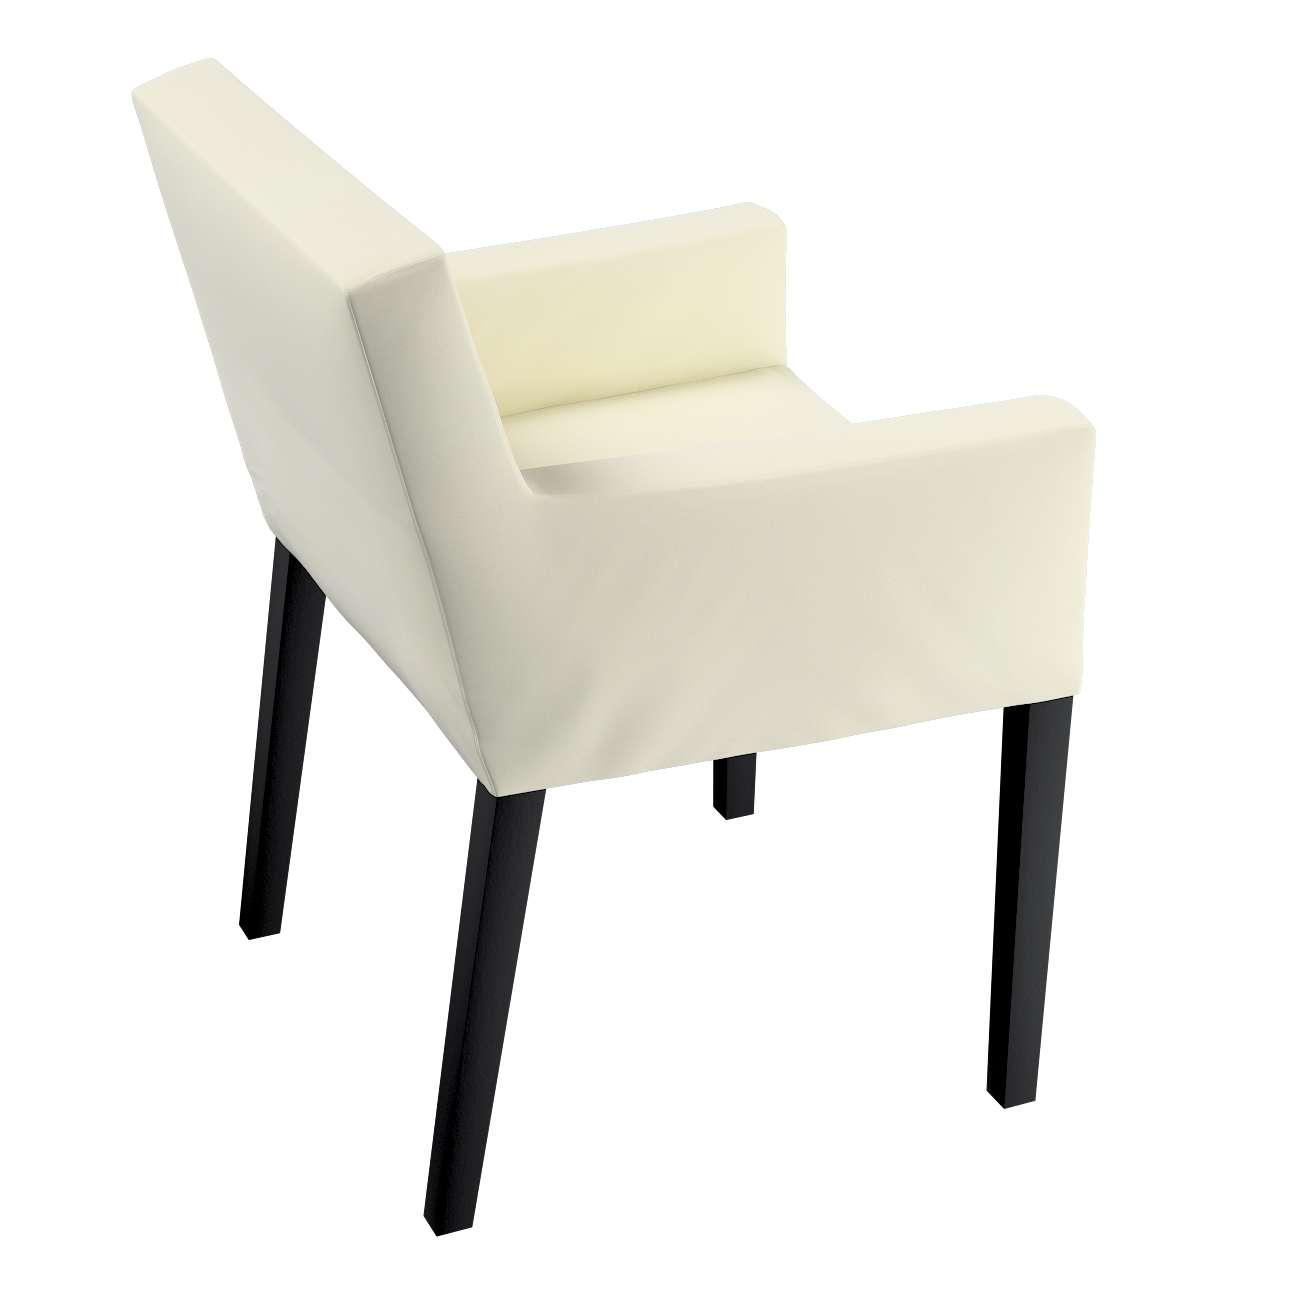 Sukienka na krzesło Nils w kolekcji Velvet, tkanina: 704-10